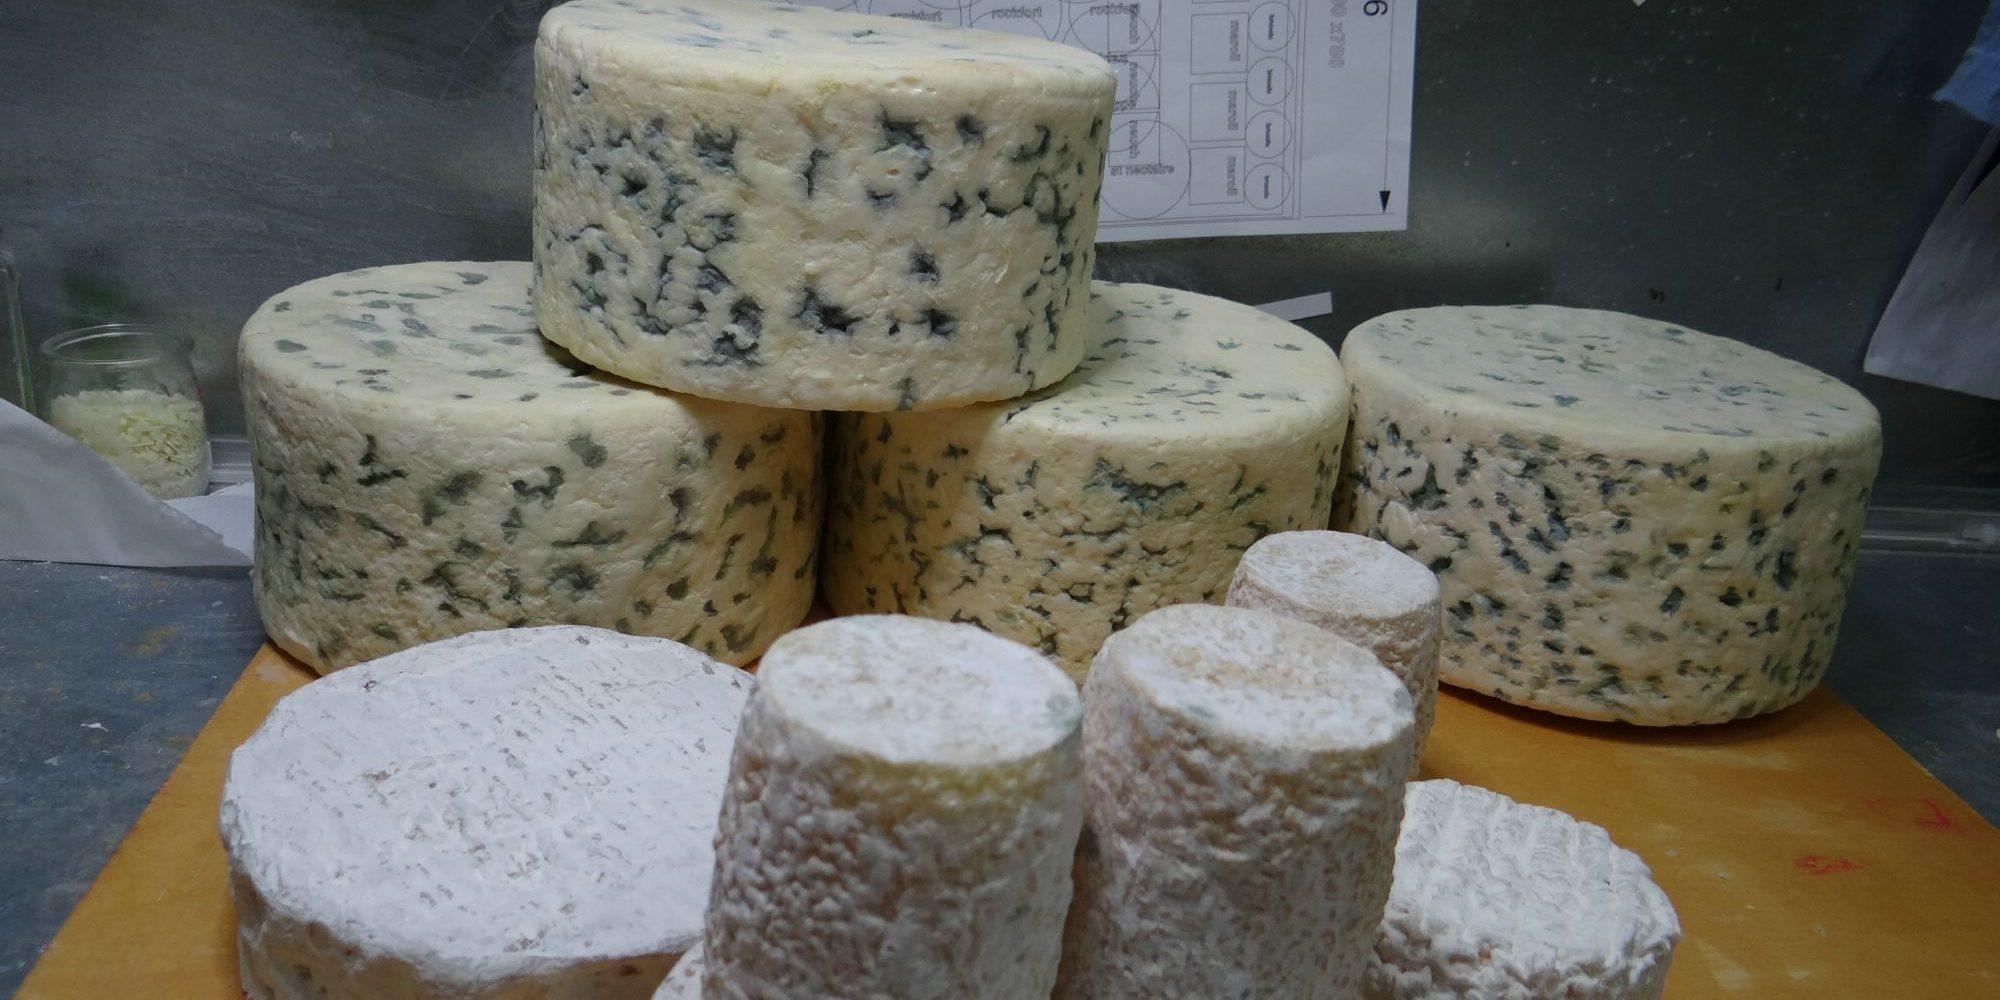 étape de travail et préparation de l'expédition des faux fromages en Italie